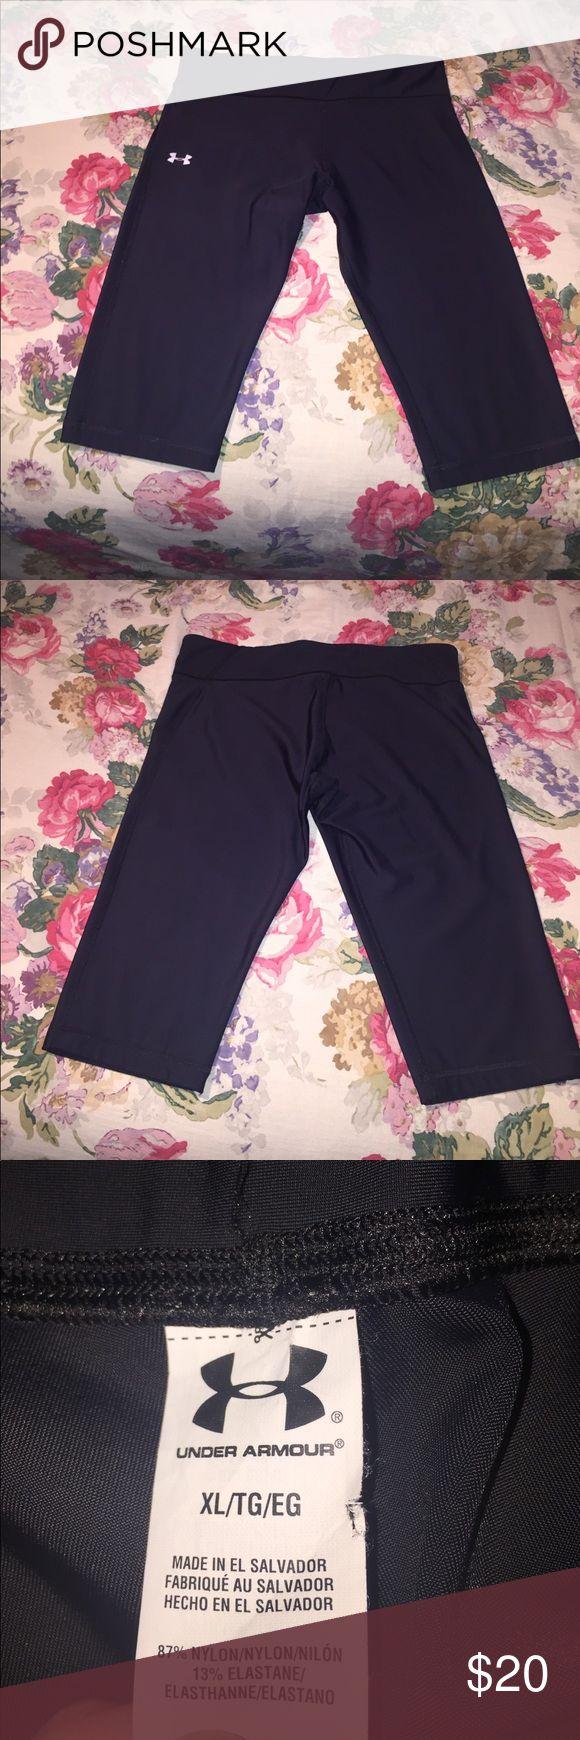 Under Armout Black Capri Legging Back inner pocket (pictured). Like new, barely worn. Under Armour Pants Leggings